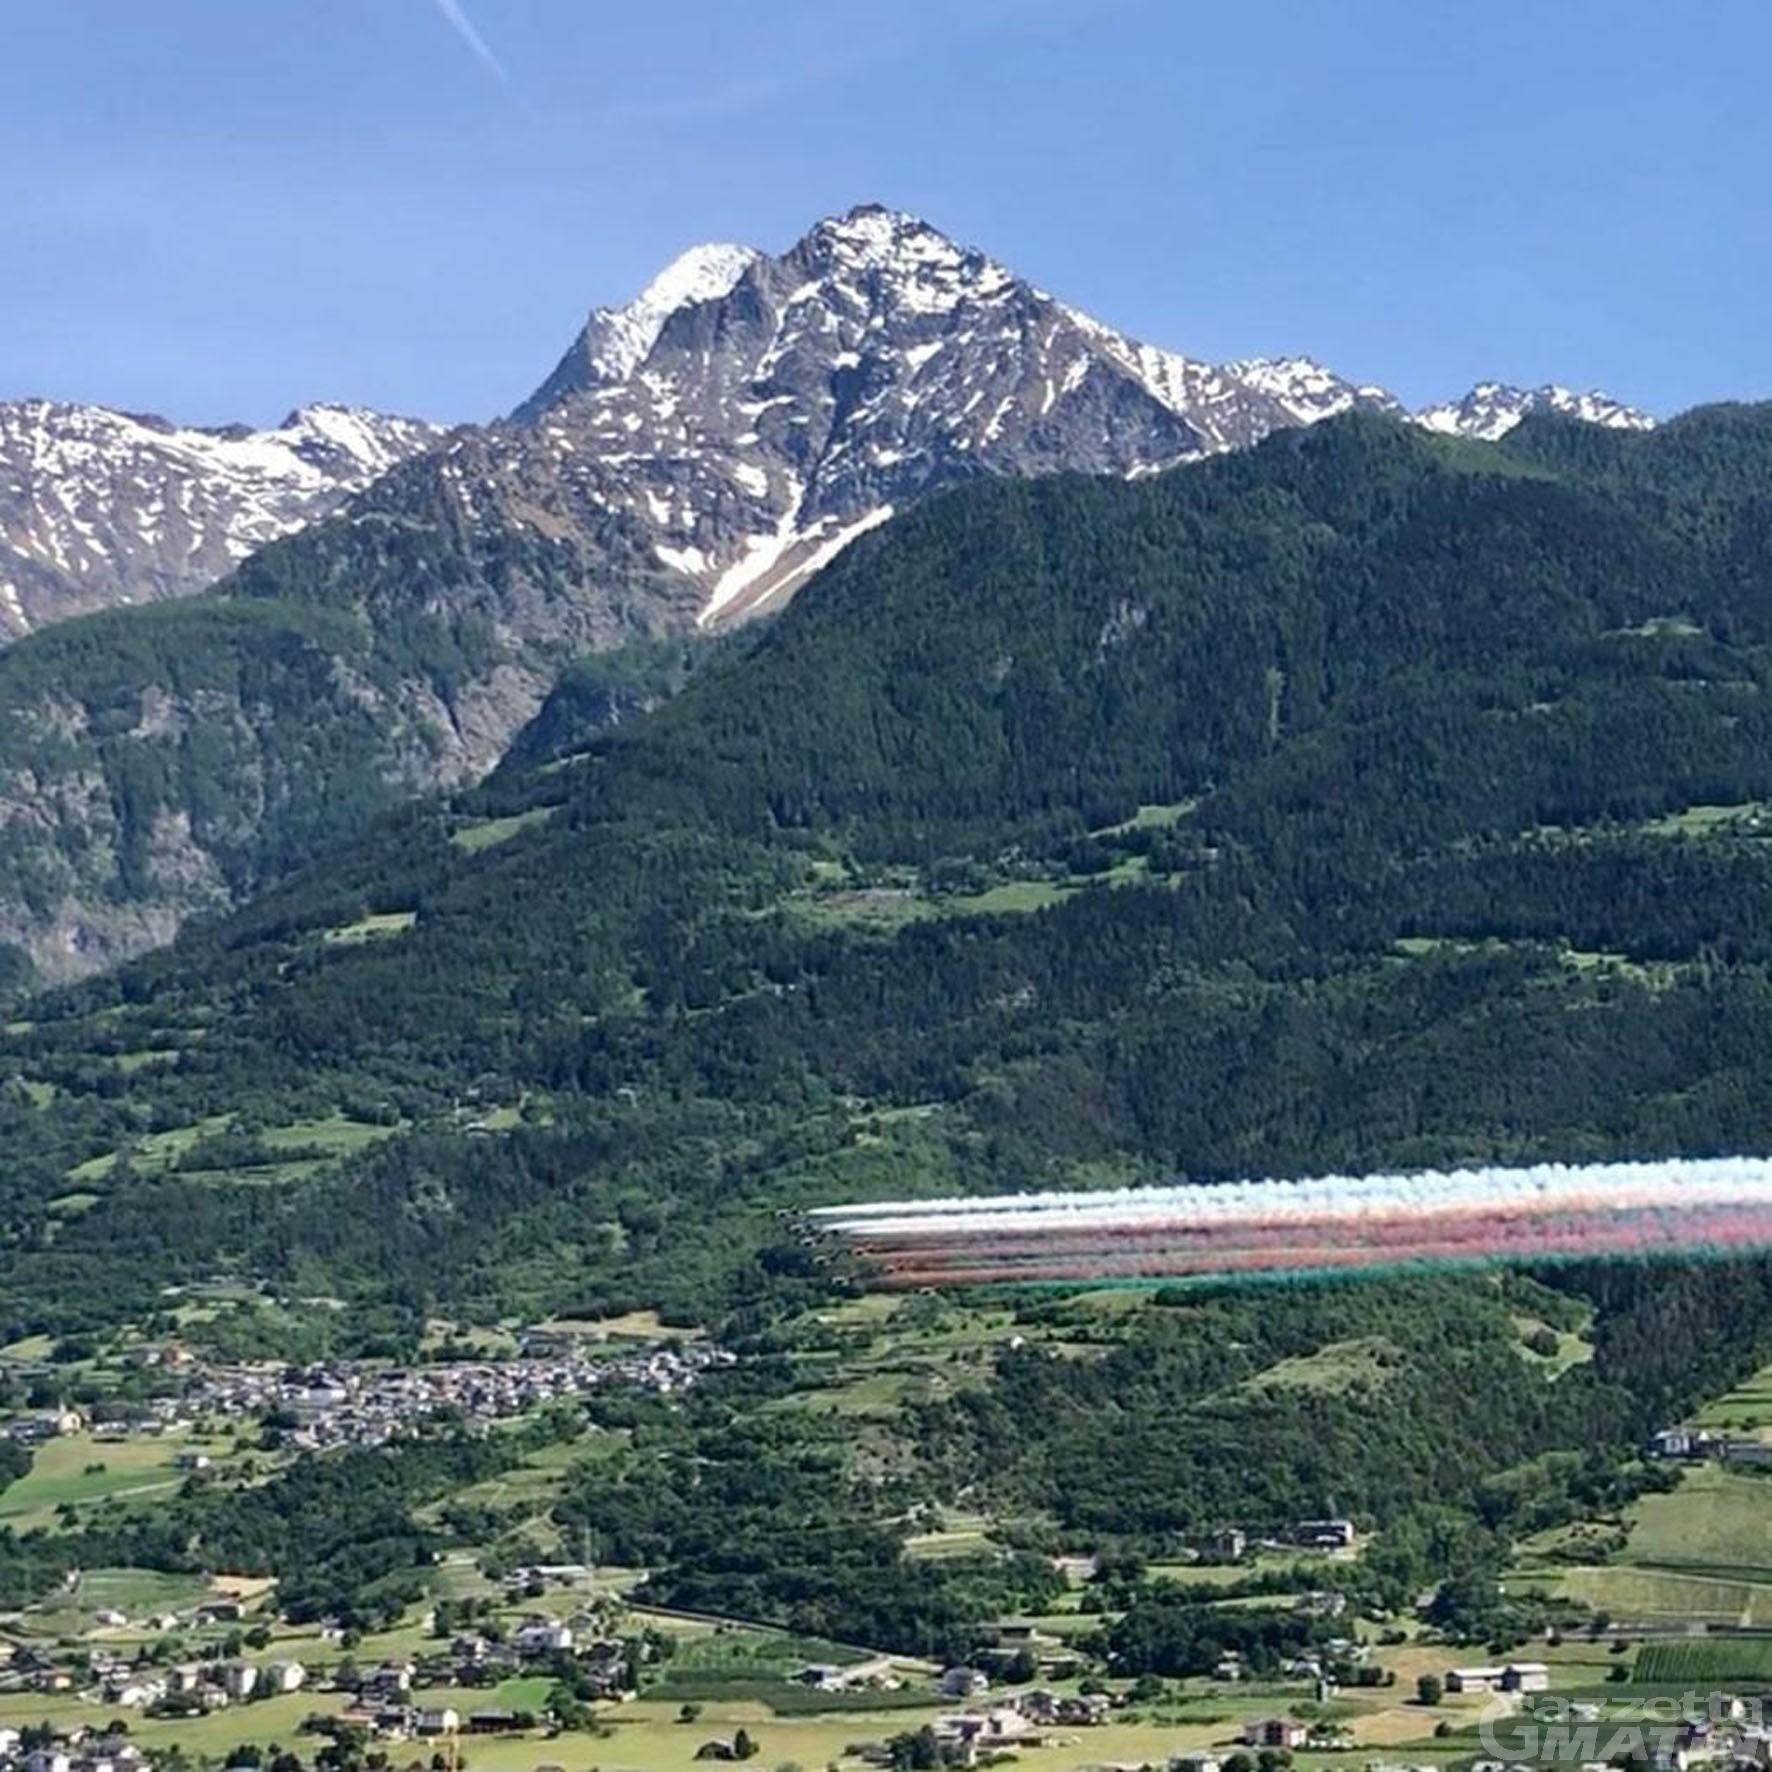 Corsa podistica: rinviata al 2021 vertical Aosta-Becca di Nona